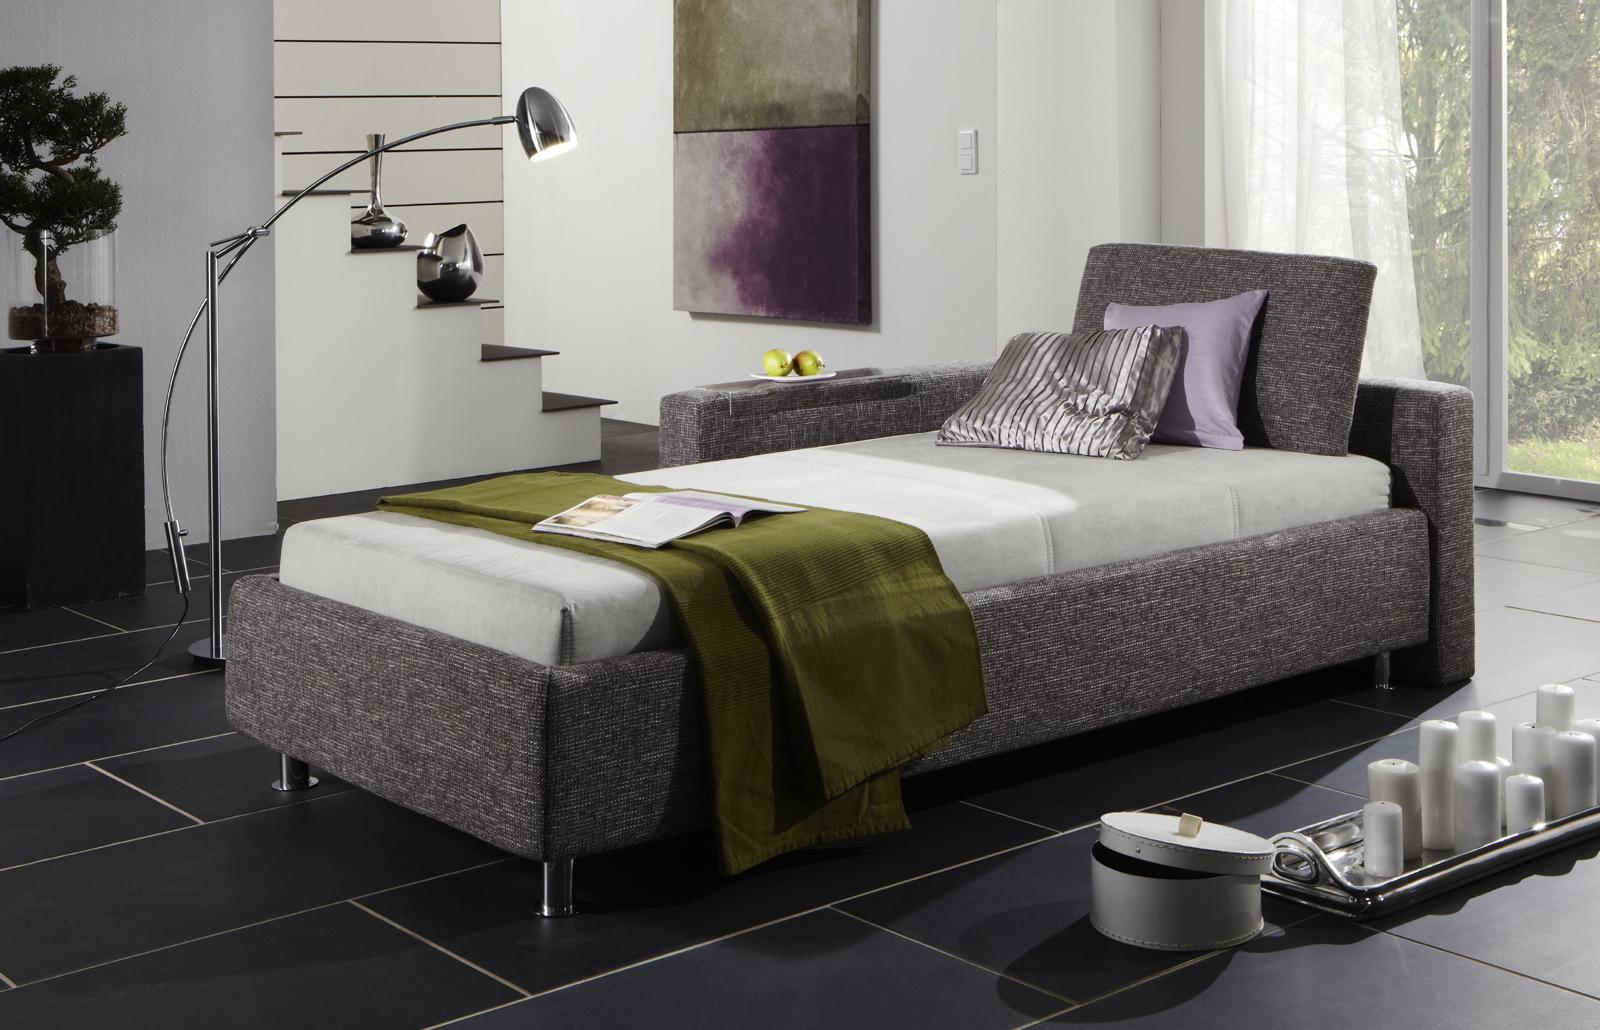 dauerschl fer schlafsofas im test und vergleich 2018. Black Bedroom Furniture Sets. Home Design Ideas